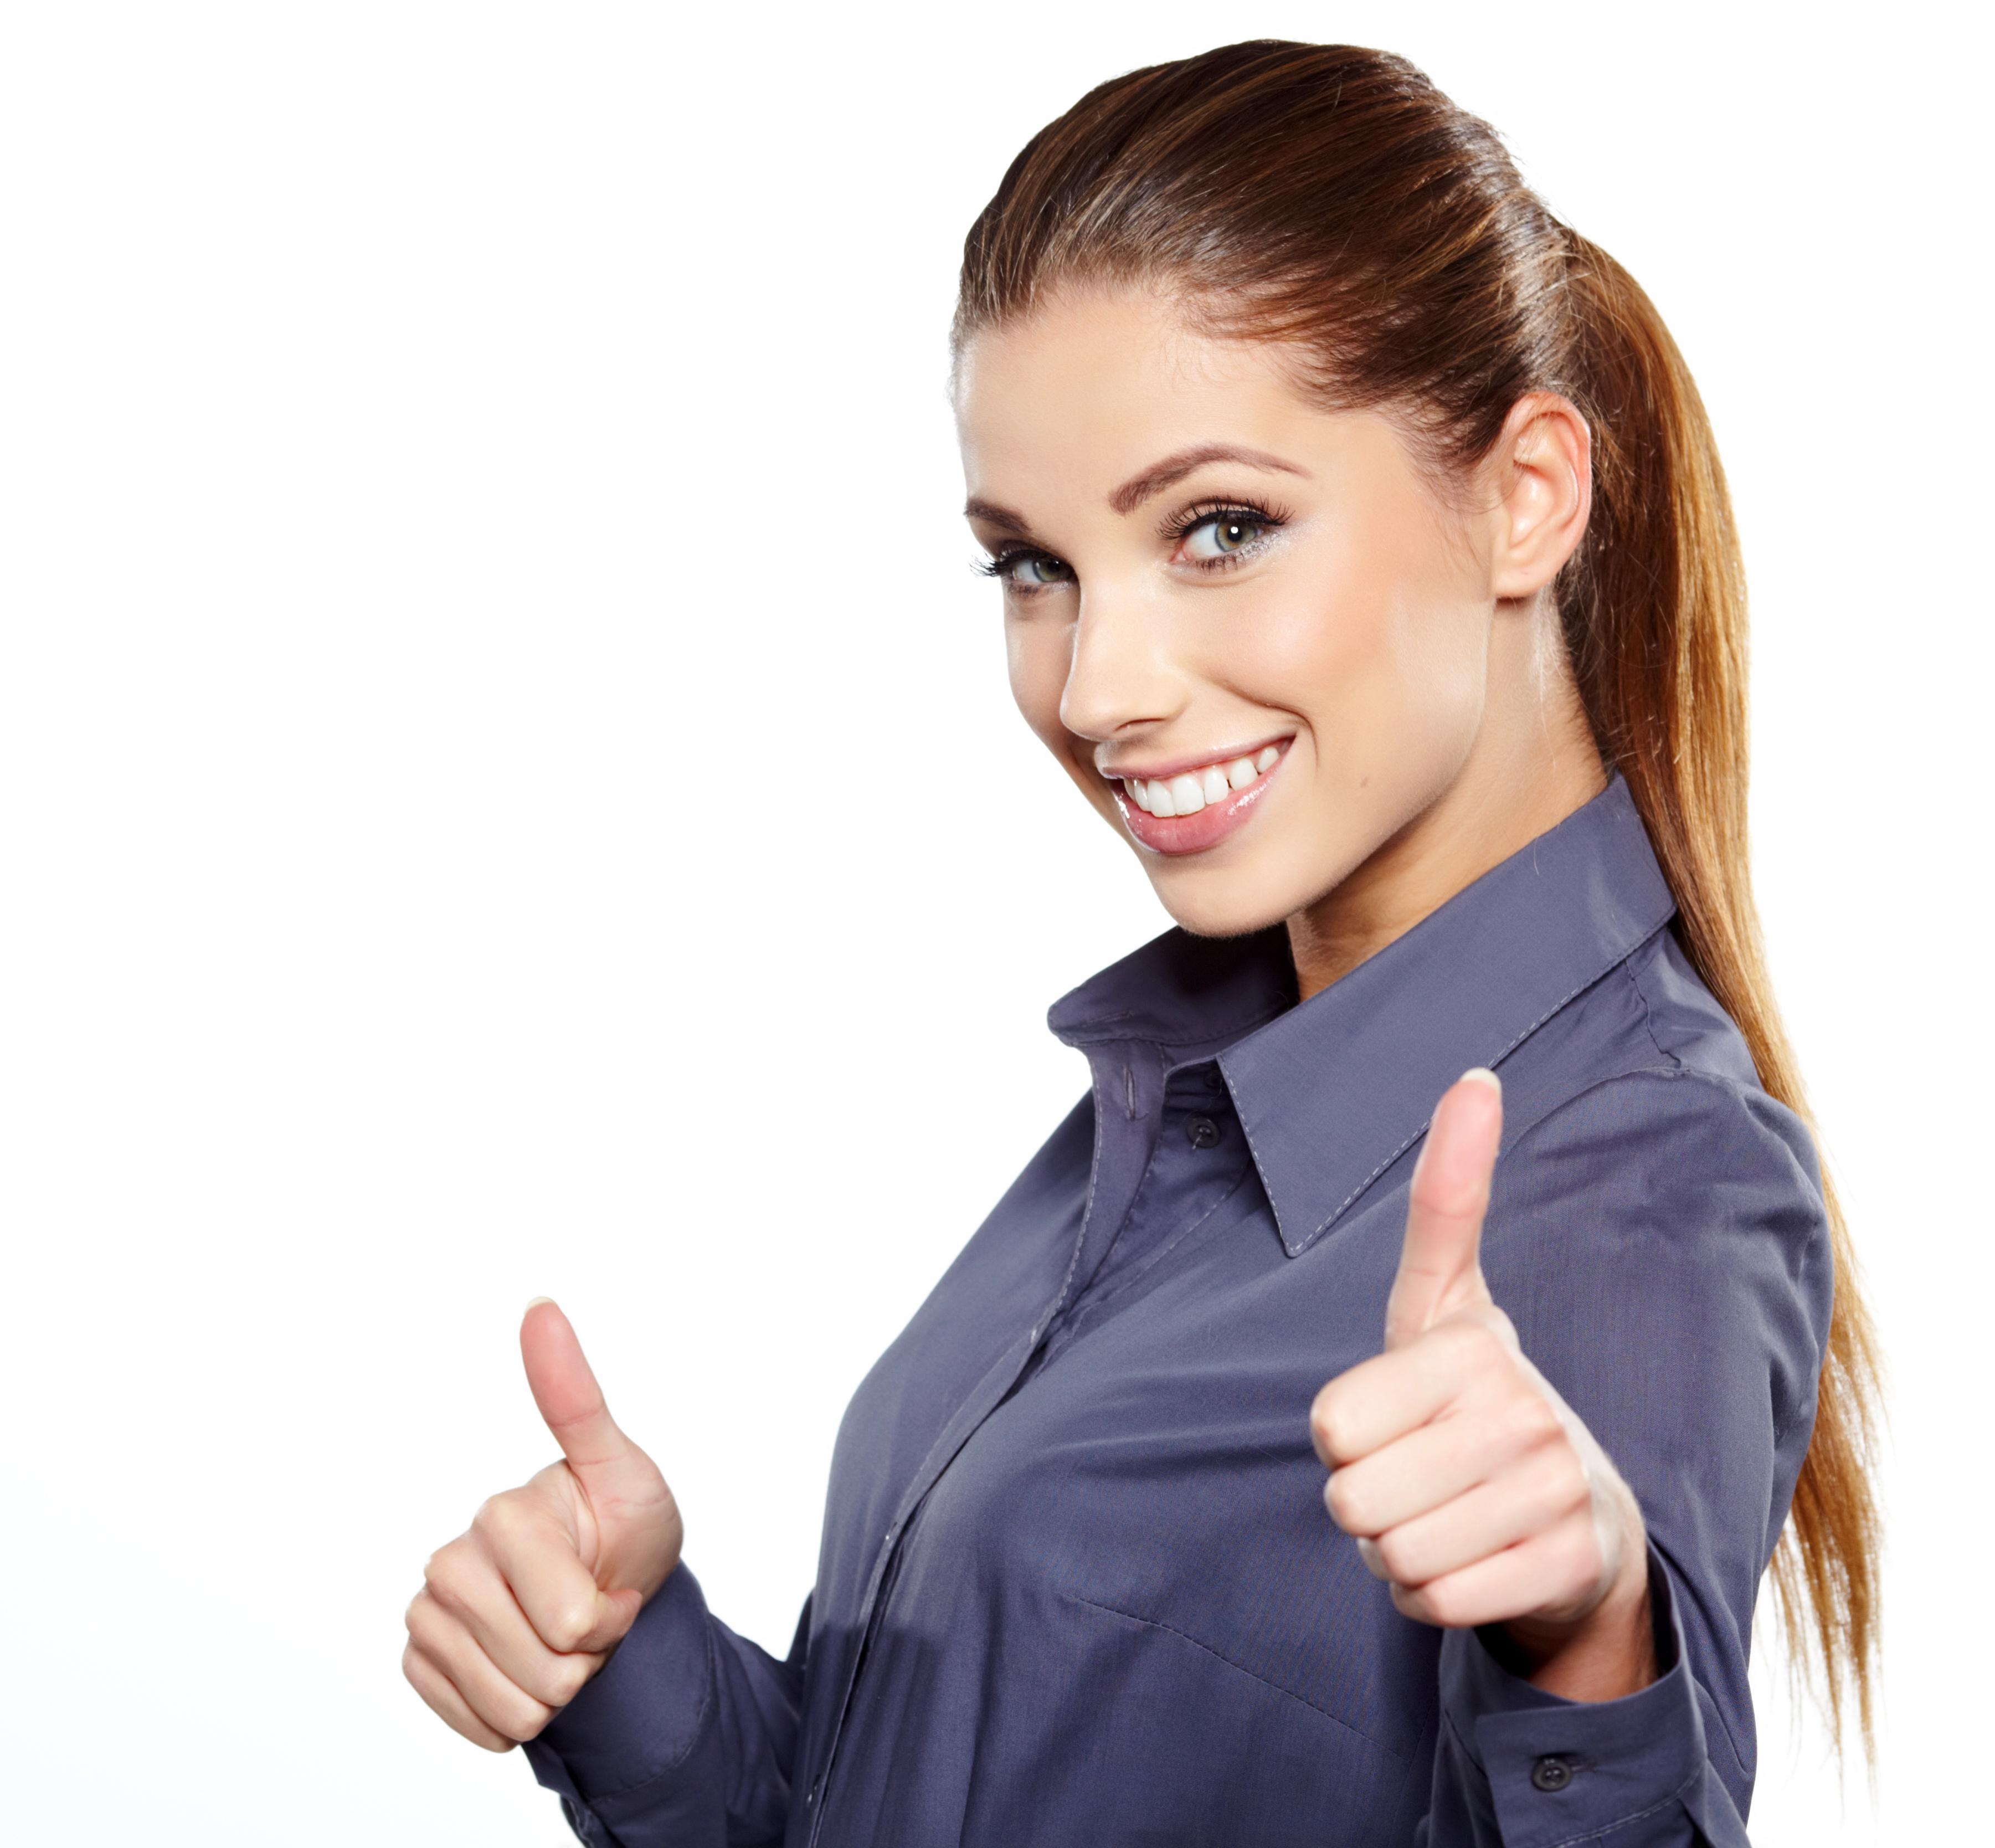 Положительные отзывы клиентов Moneyveo